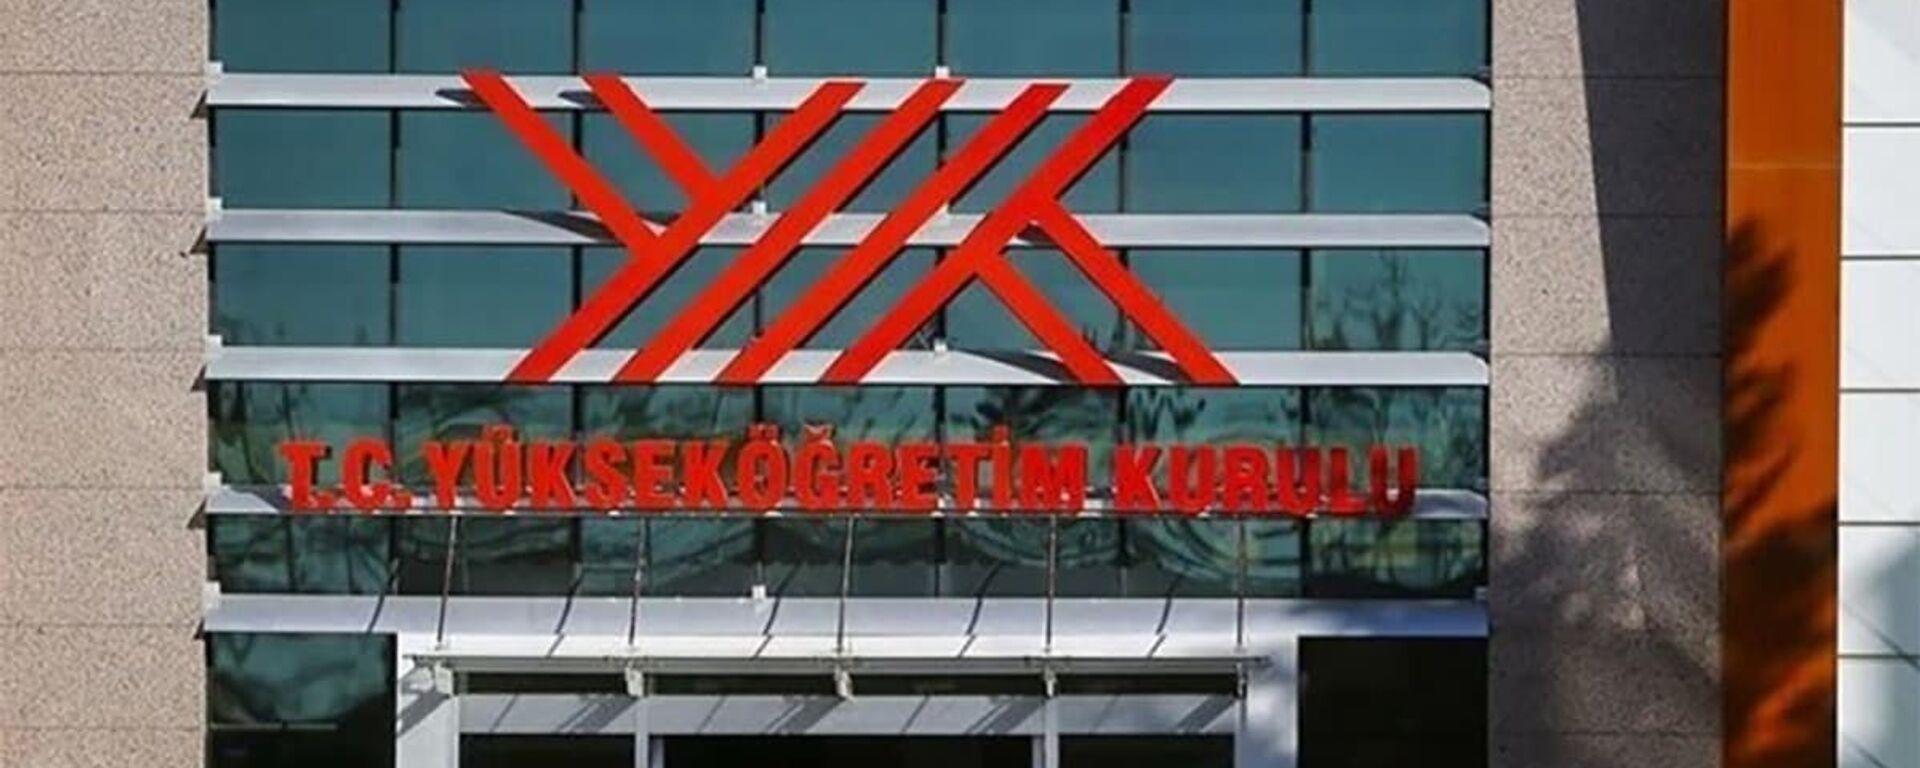 Yükseköğretim Kurulu (YÖK) - Sputnik Türkiye, 1920, 08.02.2021